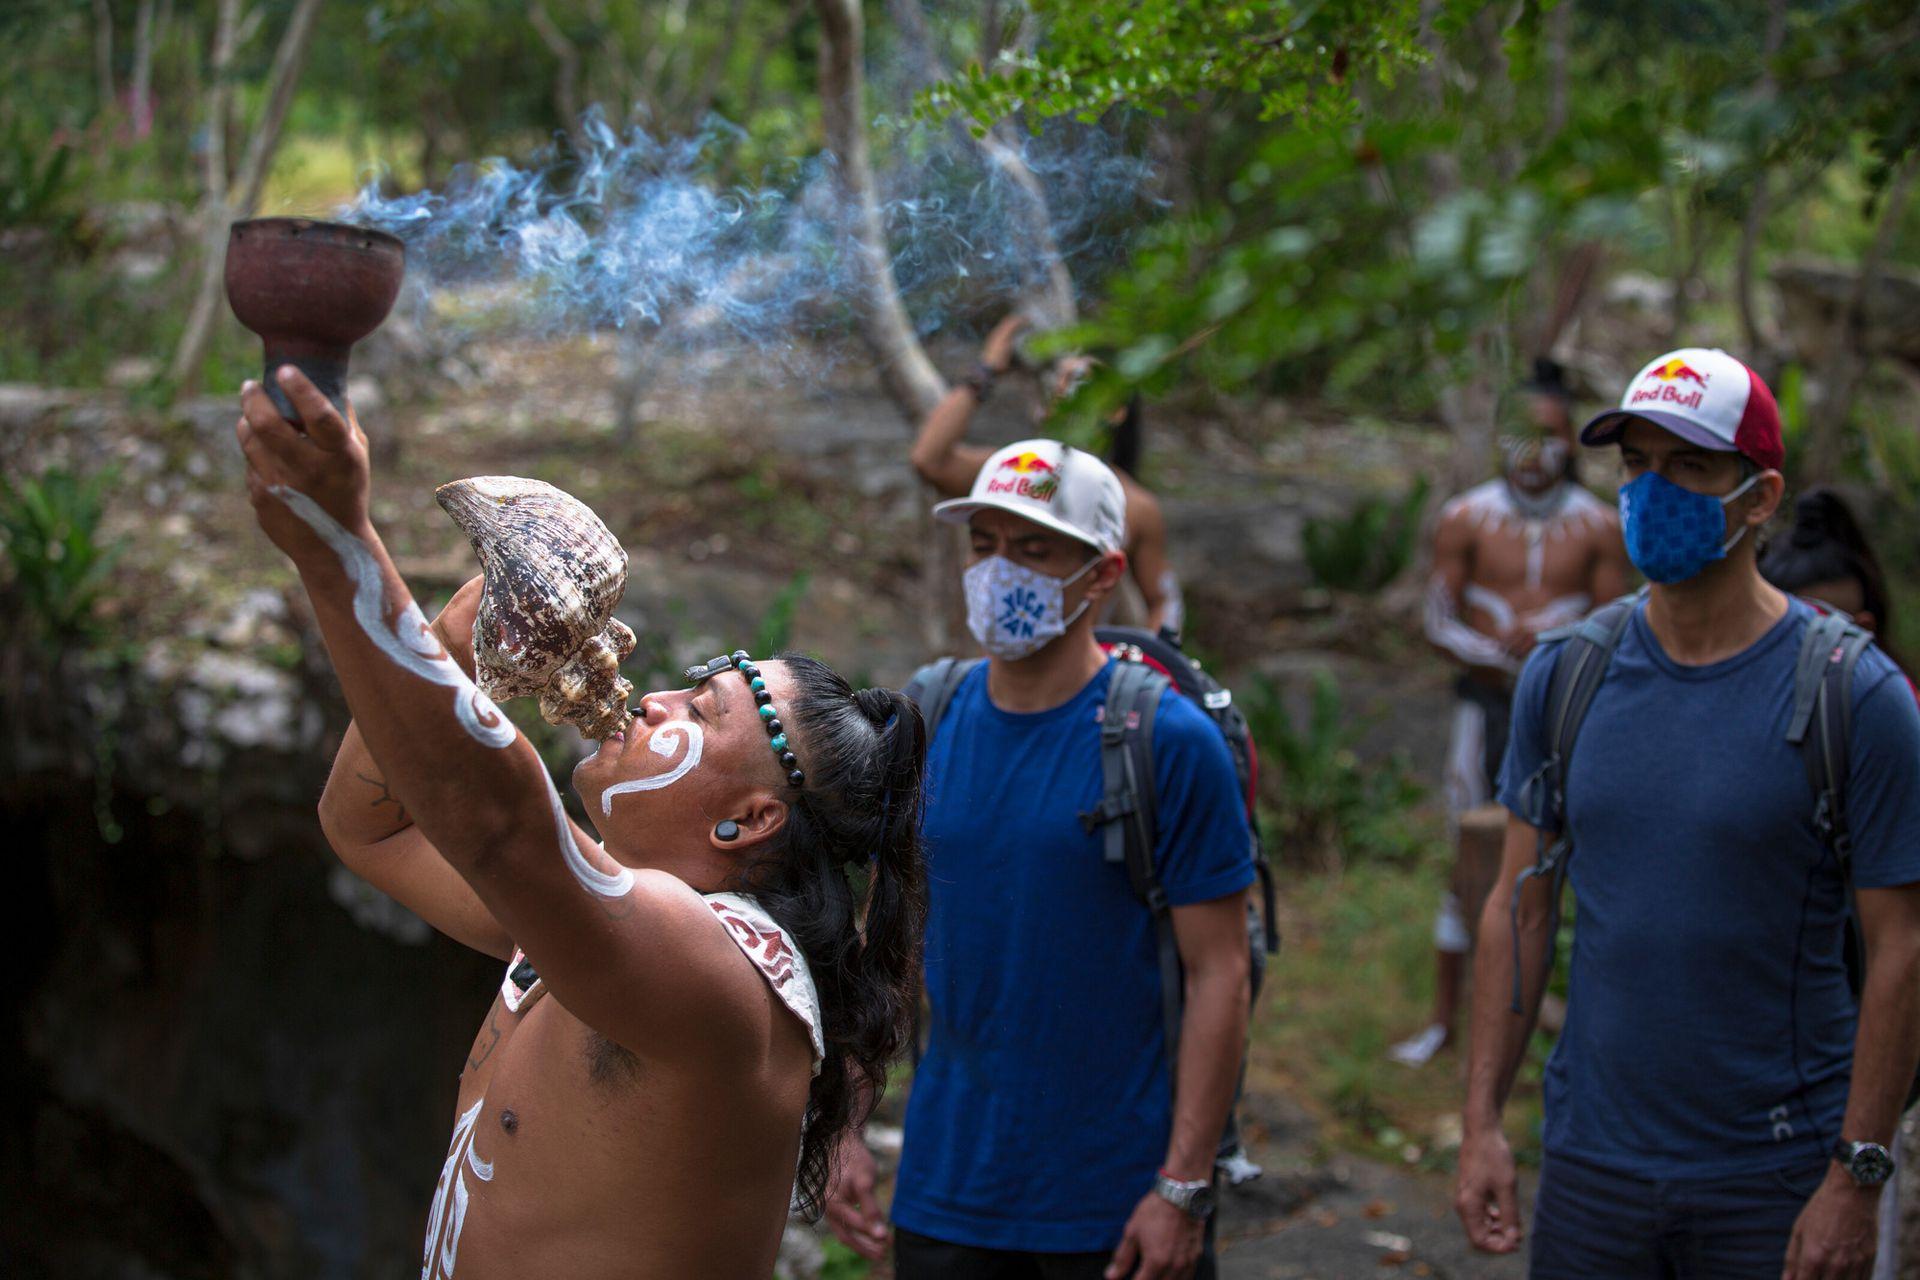 Durante el viaje, los atletas no solo descubrieron nuevas locaciones para realizar clavados, también pudieron conocer de cerca la cultura maya, sus rituales, gastronomía y su tradicional juego de pelota.